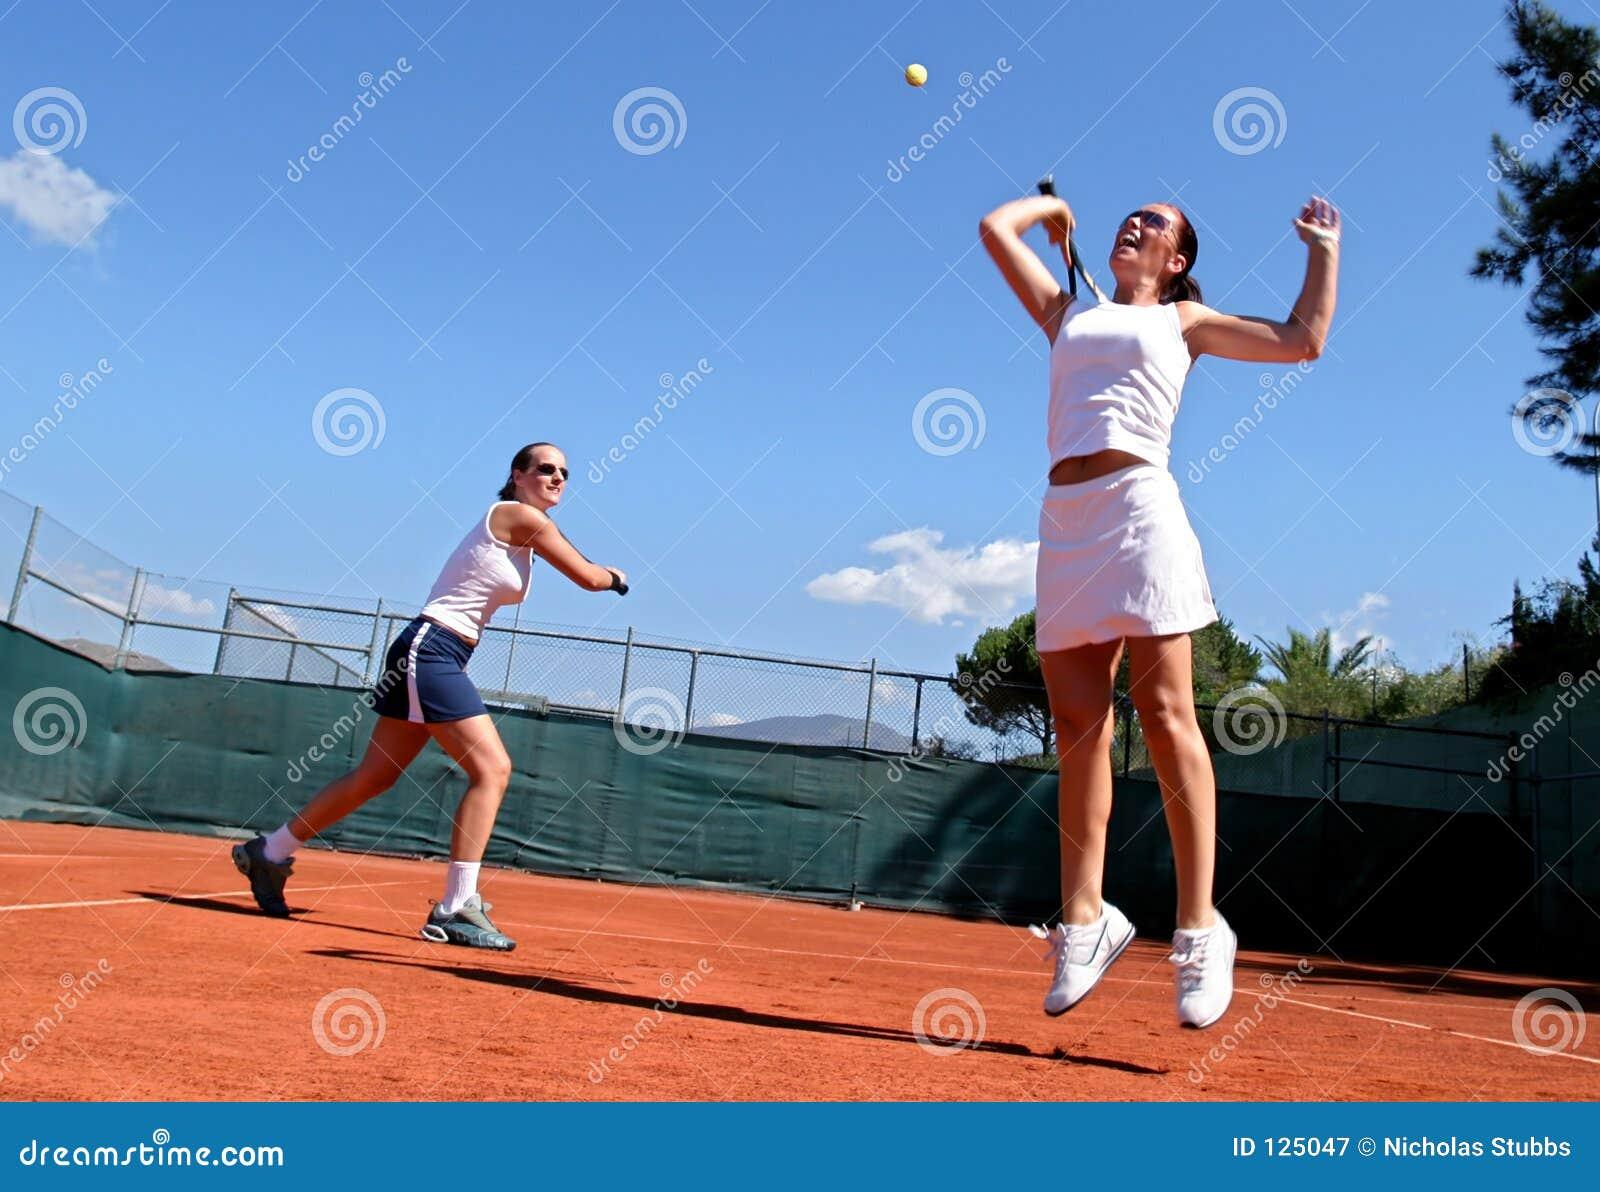 Dois jogadores de ténis fêmeas que jogam dobros no sol. Um é de pulo e de esticão para a esfera.